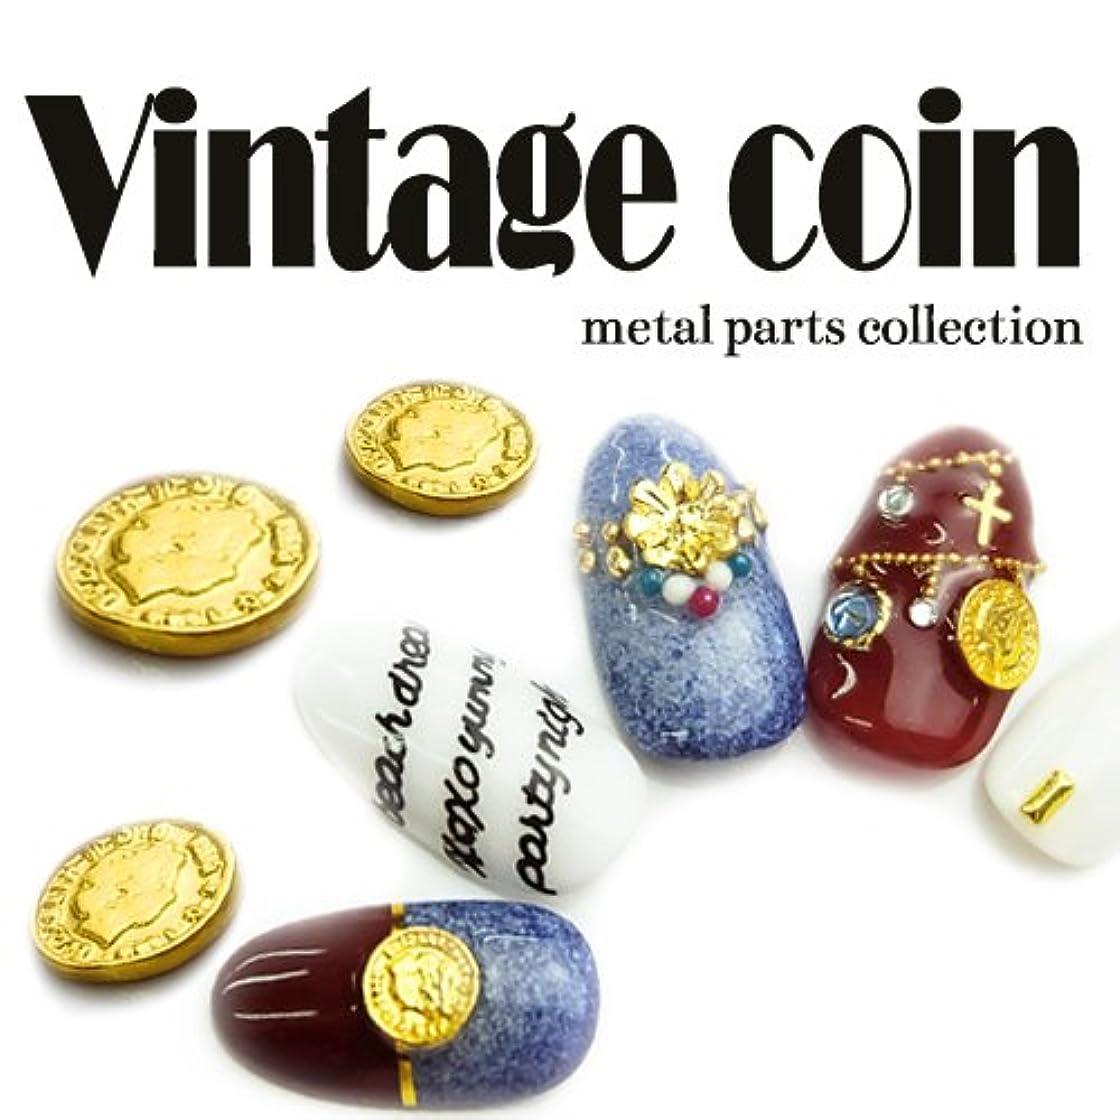 ポータルソケット折(ゴールド) 5個入 ヴィンテージコインメタルパーツ